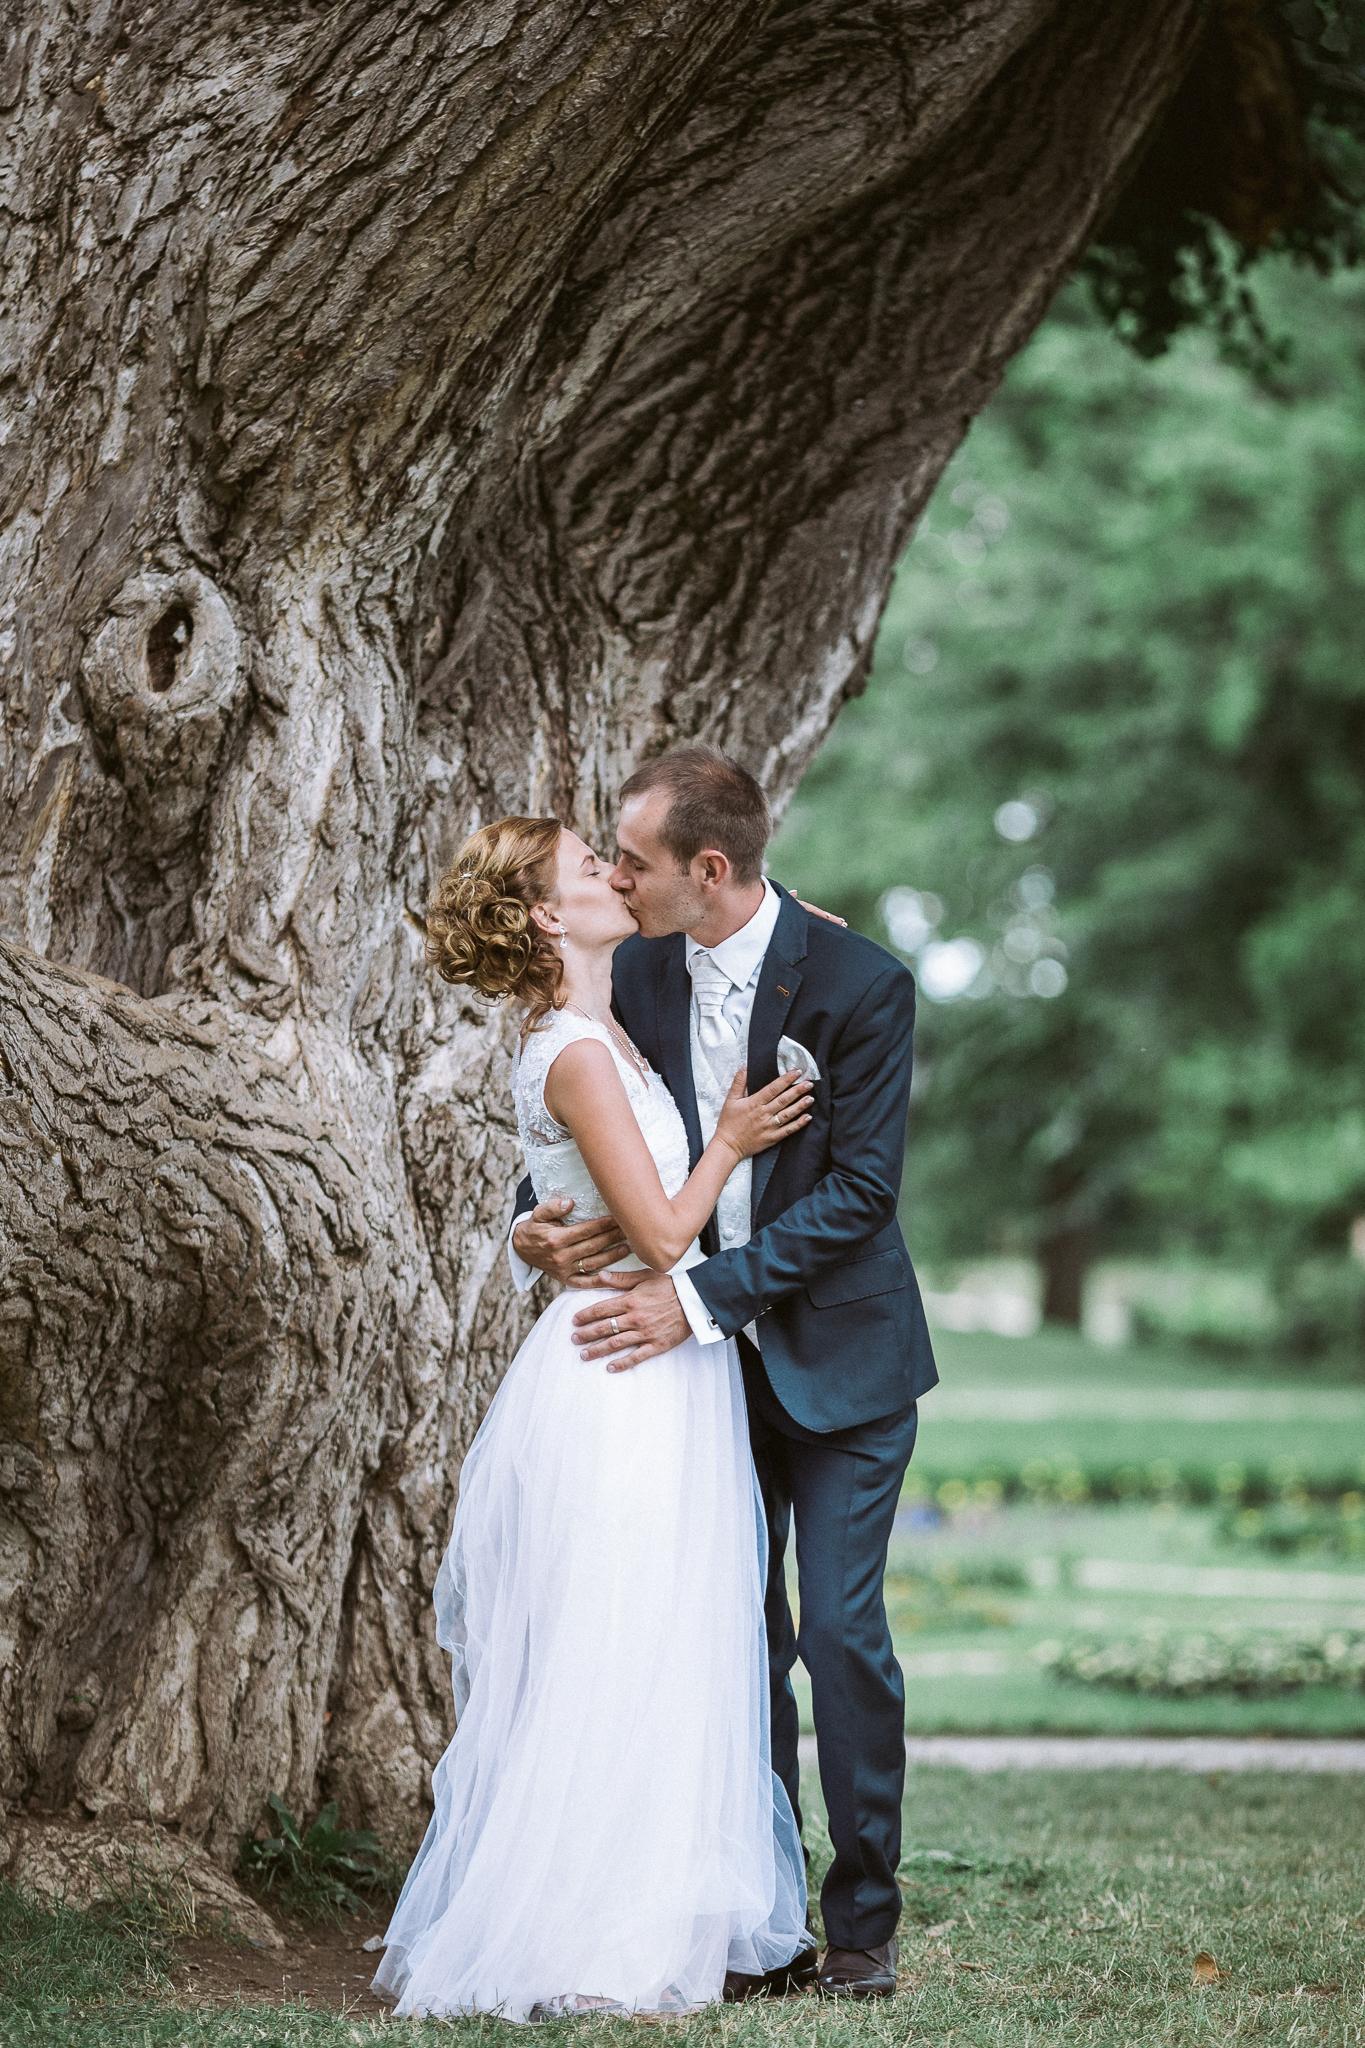 FylepPhoto, esküvőfotós, esküvői fotós Körmend, Szombathely, esküvőfotózás, magyarország, vas megye, prémium, jegyesfotózás, Fülöp Péter, körmend, kreatív, fotográfus_32-2.jpg